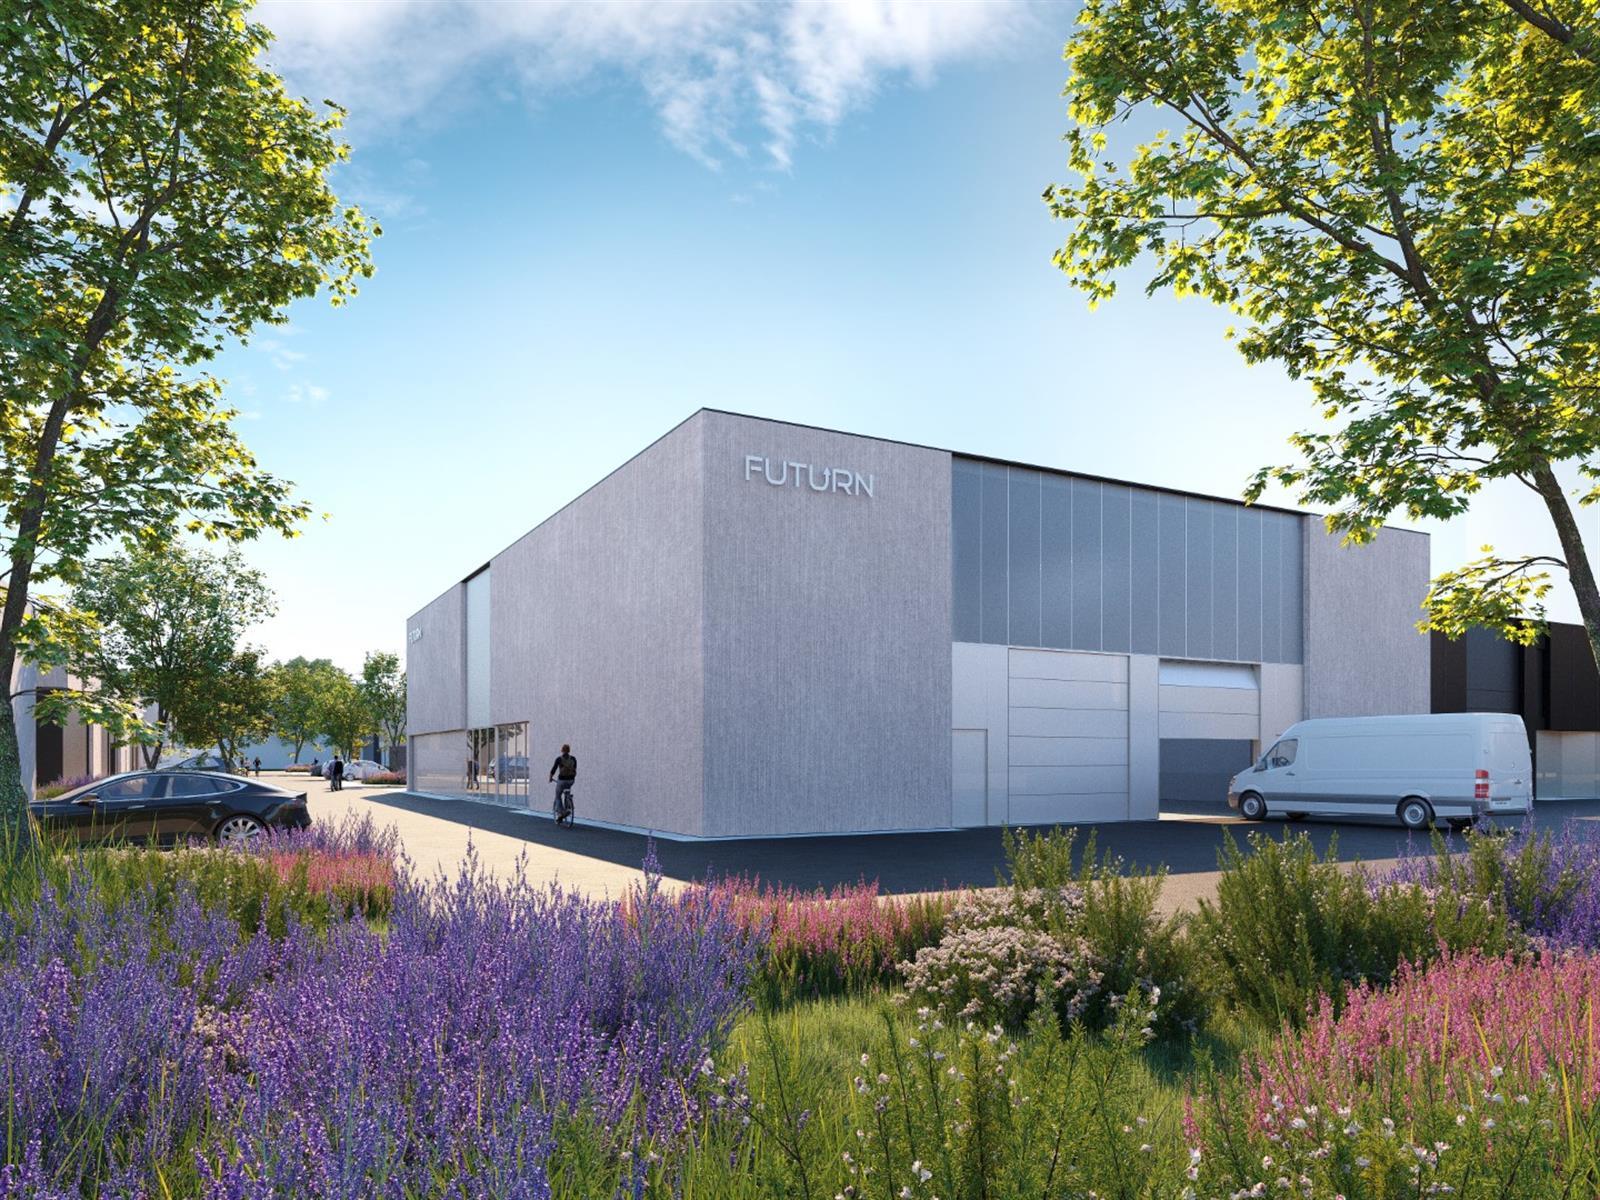 KMO-unit te koop Heros Businesspark KMO Unit 4 - Herkenrodesingel 10, 3500 Hasselt, België 10